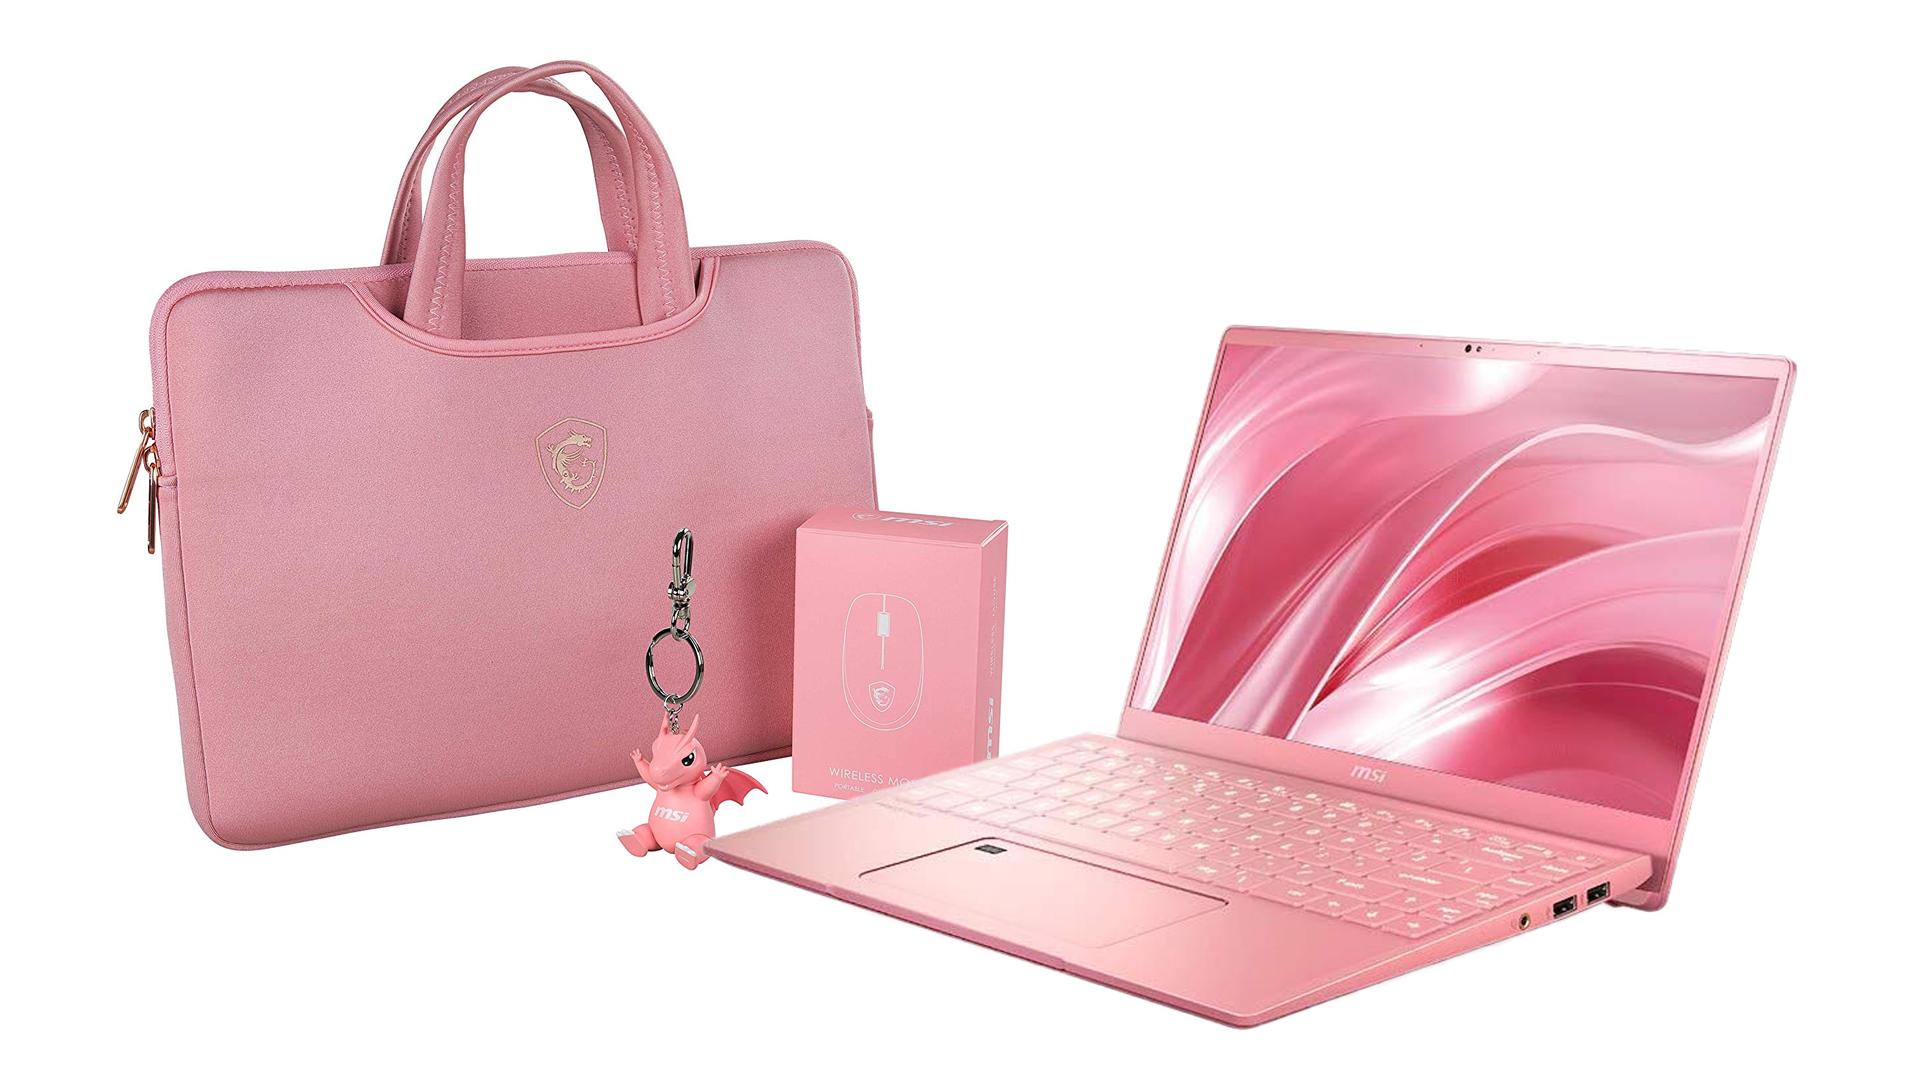 The MSI Prestige laptop.